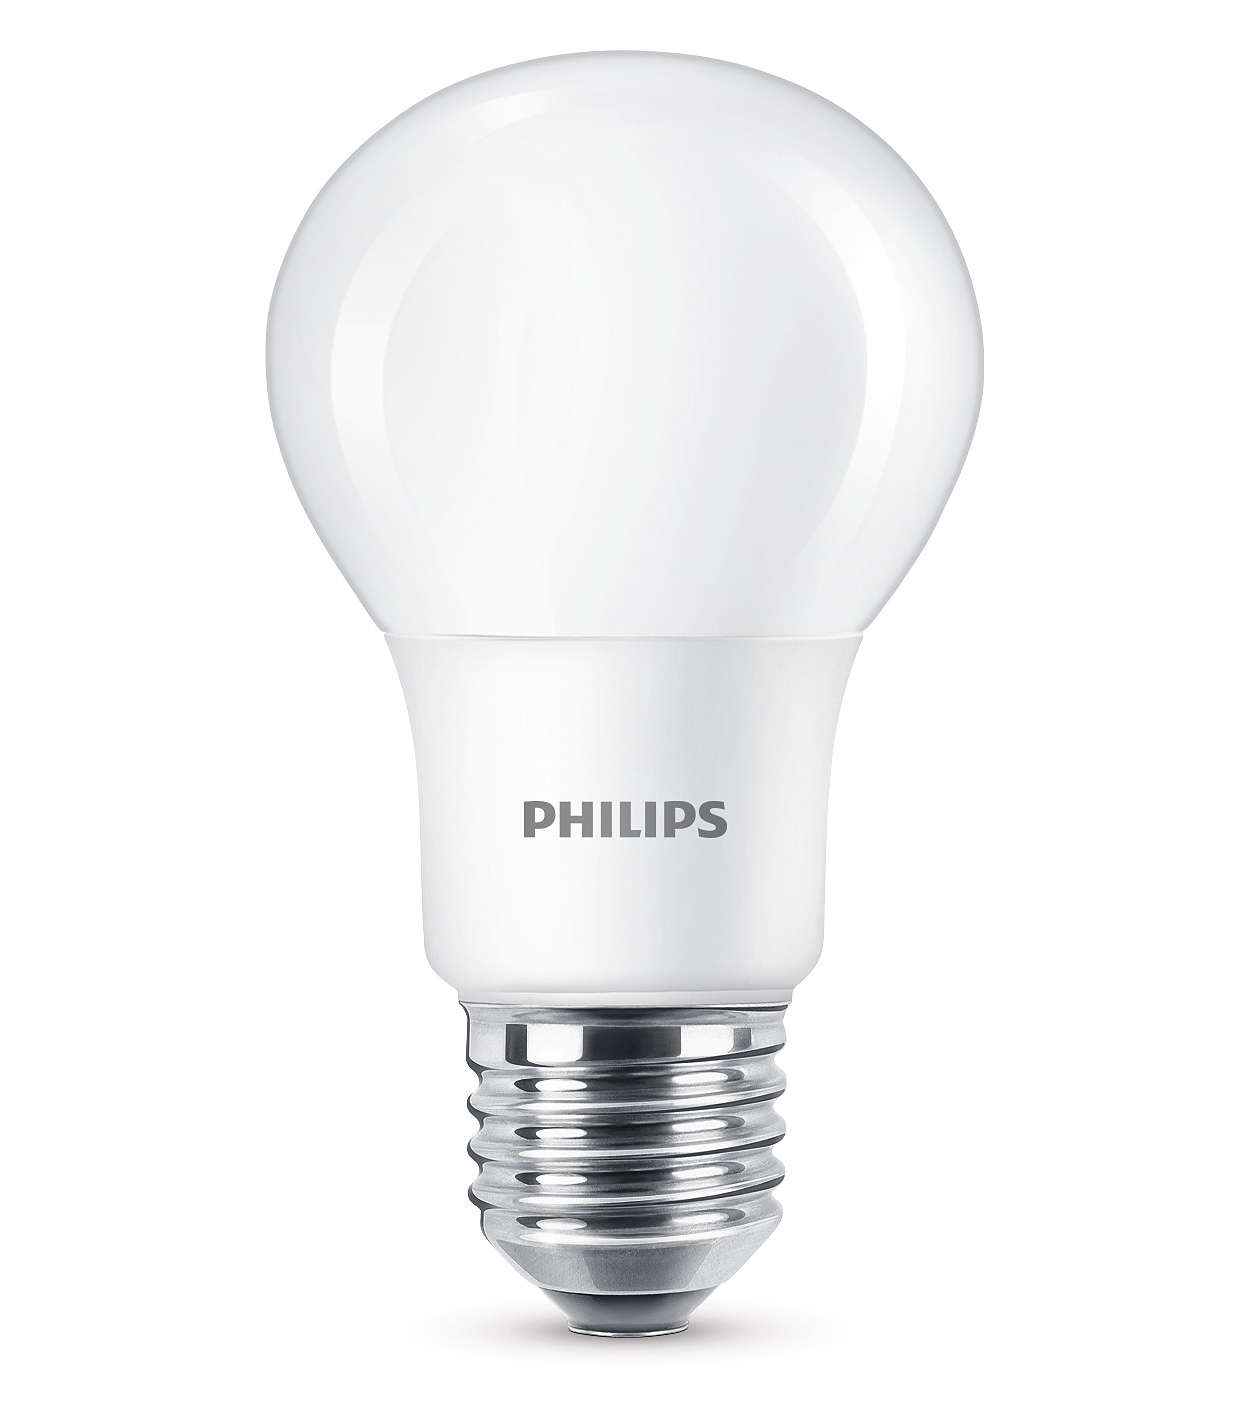 hladno bijelo svjetlo, bez kompromisa po pitanju kvalitete